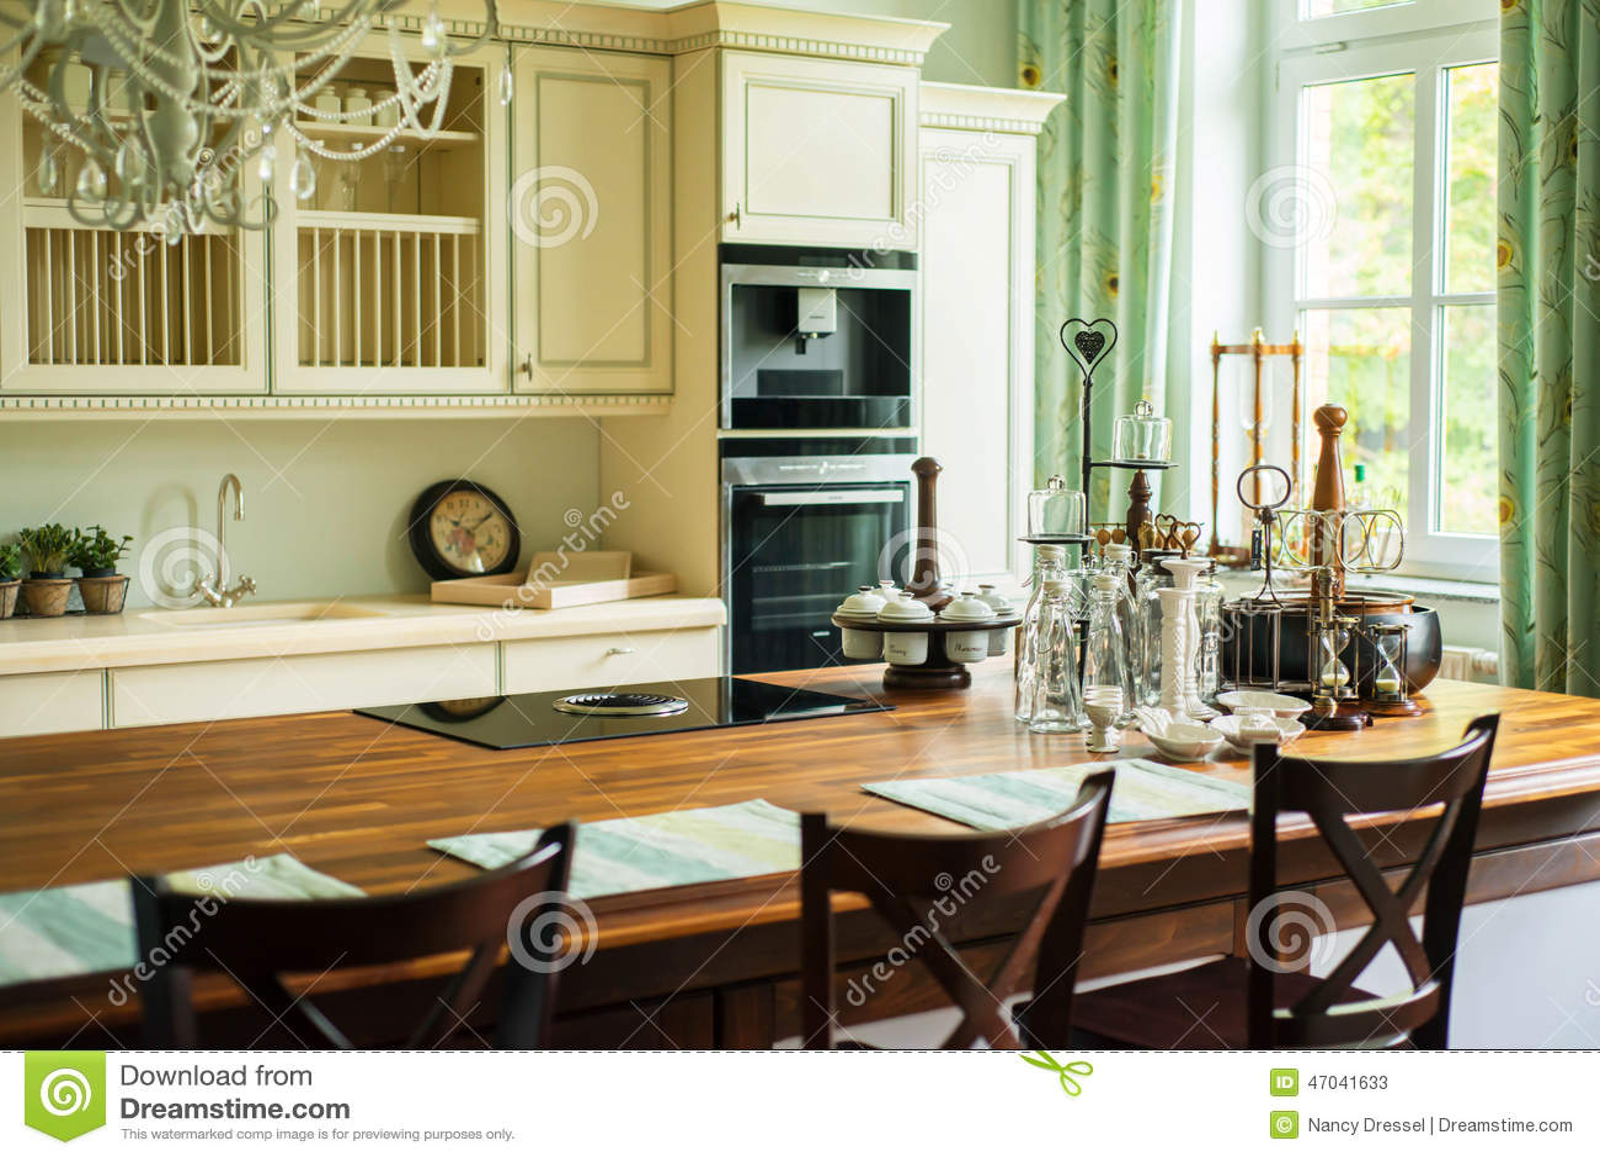 Nieuwe moderne keuken in oude stijl stock afbeelding